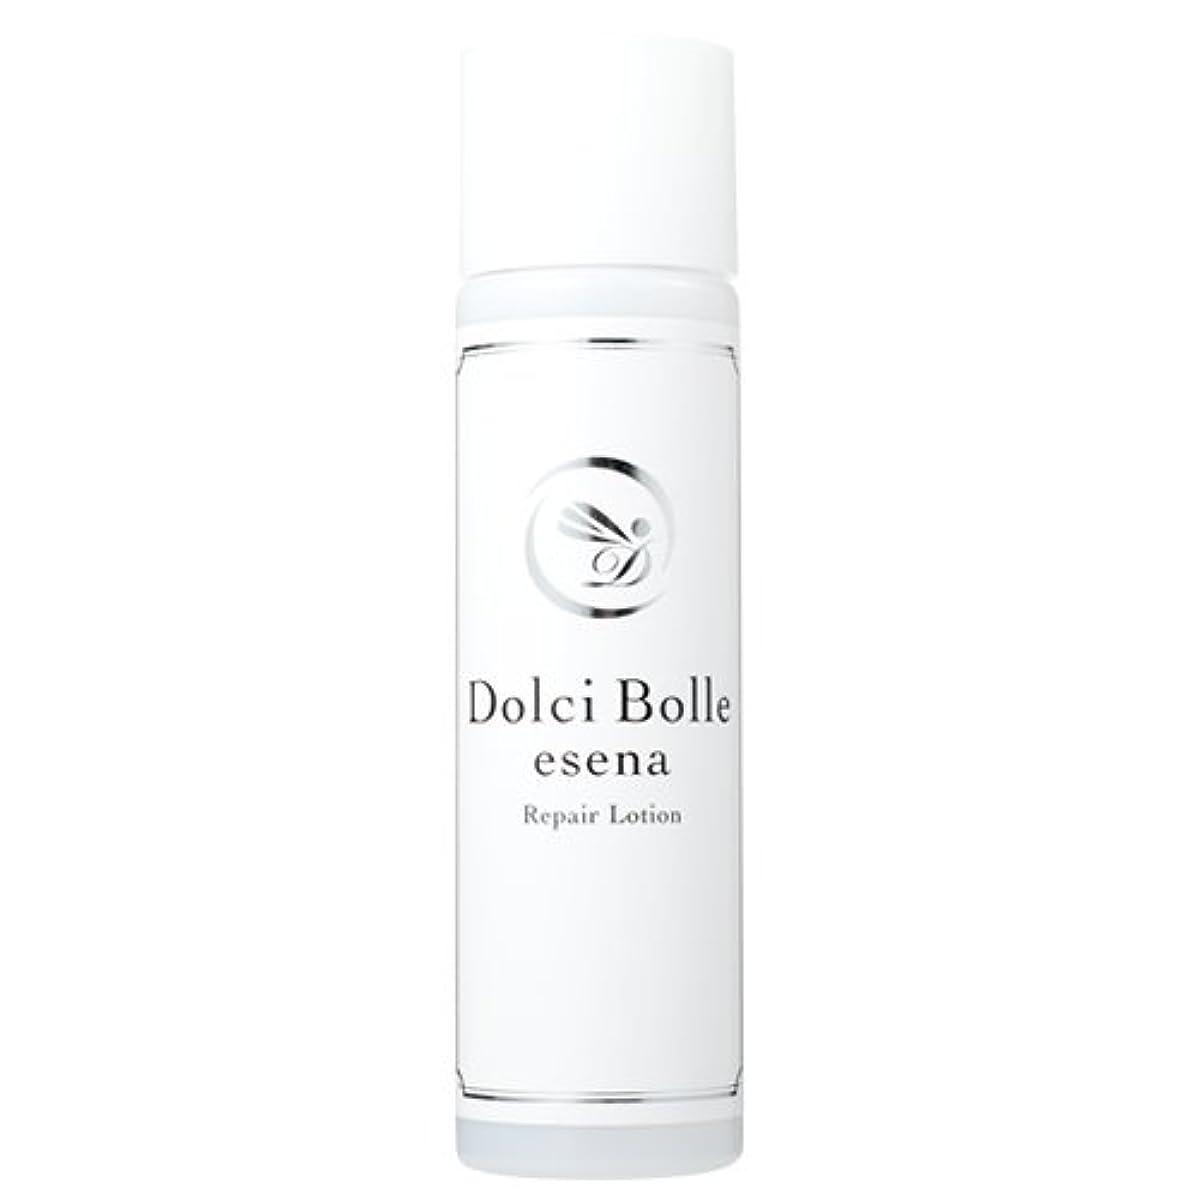 テクトニックいろいろ求人Dolci Bolle(ドルチボーレ) esena(エセナ) リペアローション 150ml